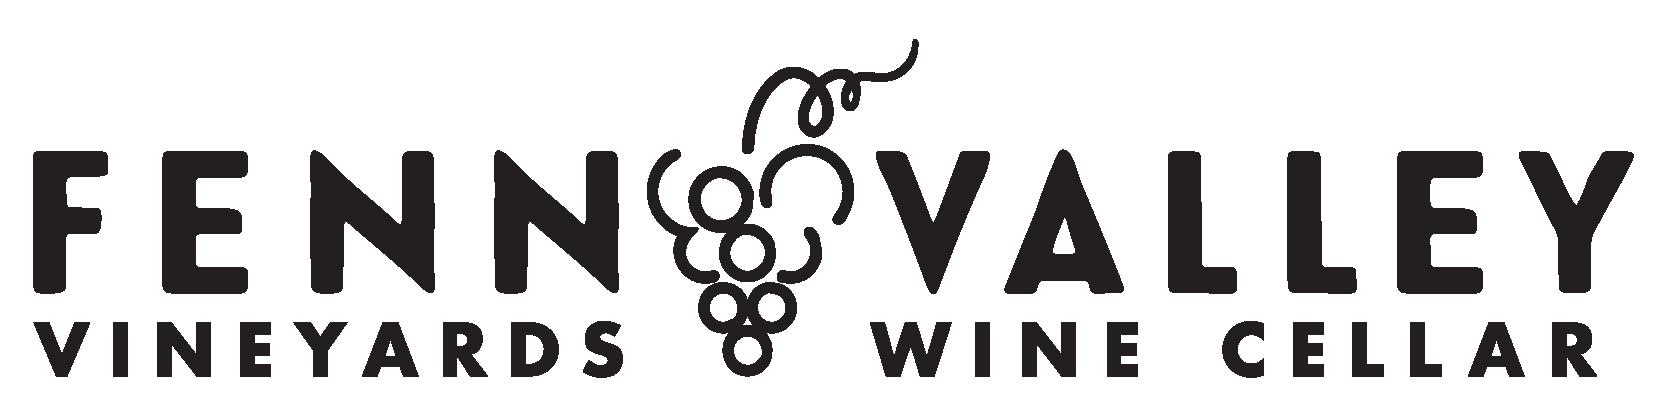 Fenn Valley Vineyards and Wine Cellar